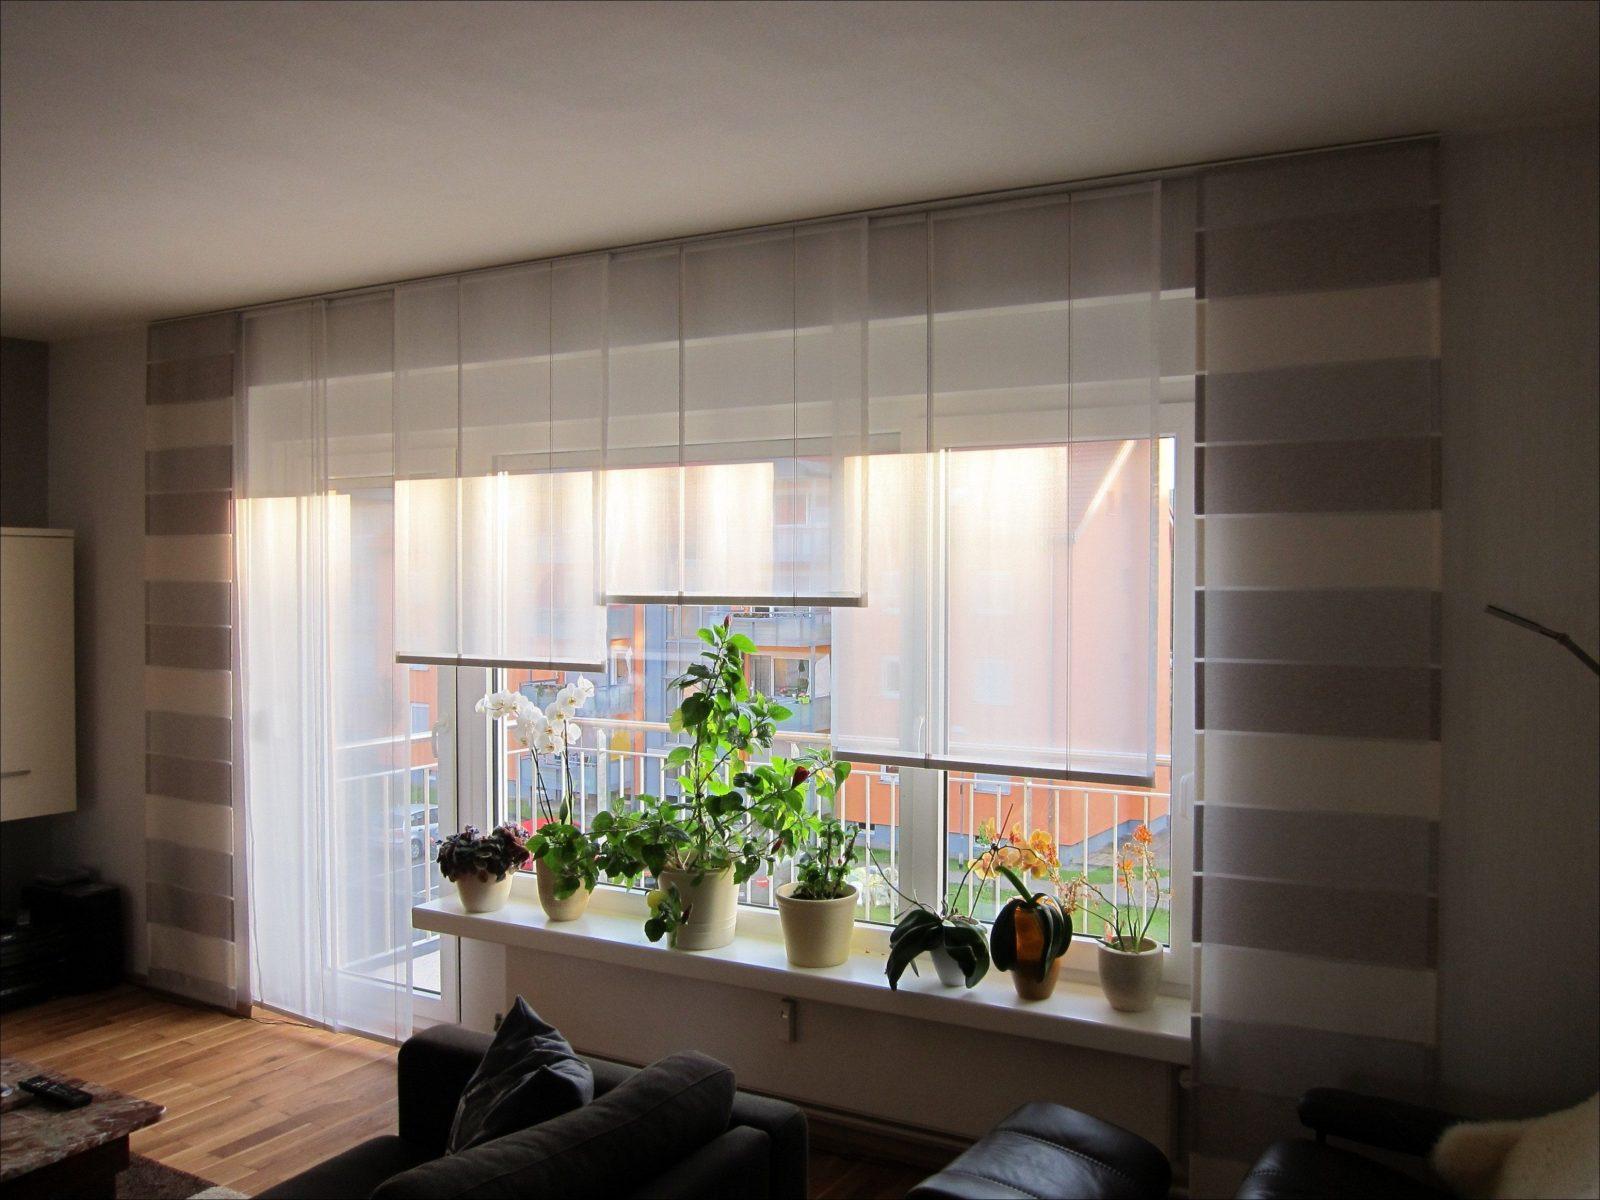 Gardinen Gemütlich Gardinen Vorschläge Für Balkontüren Genial von Gardinen Vorschläge Für Balkontüren Bild